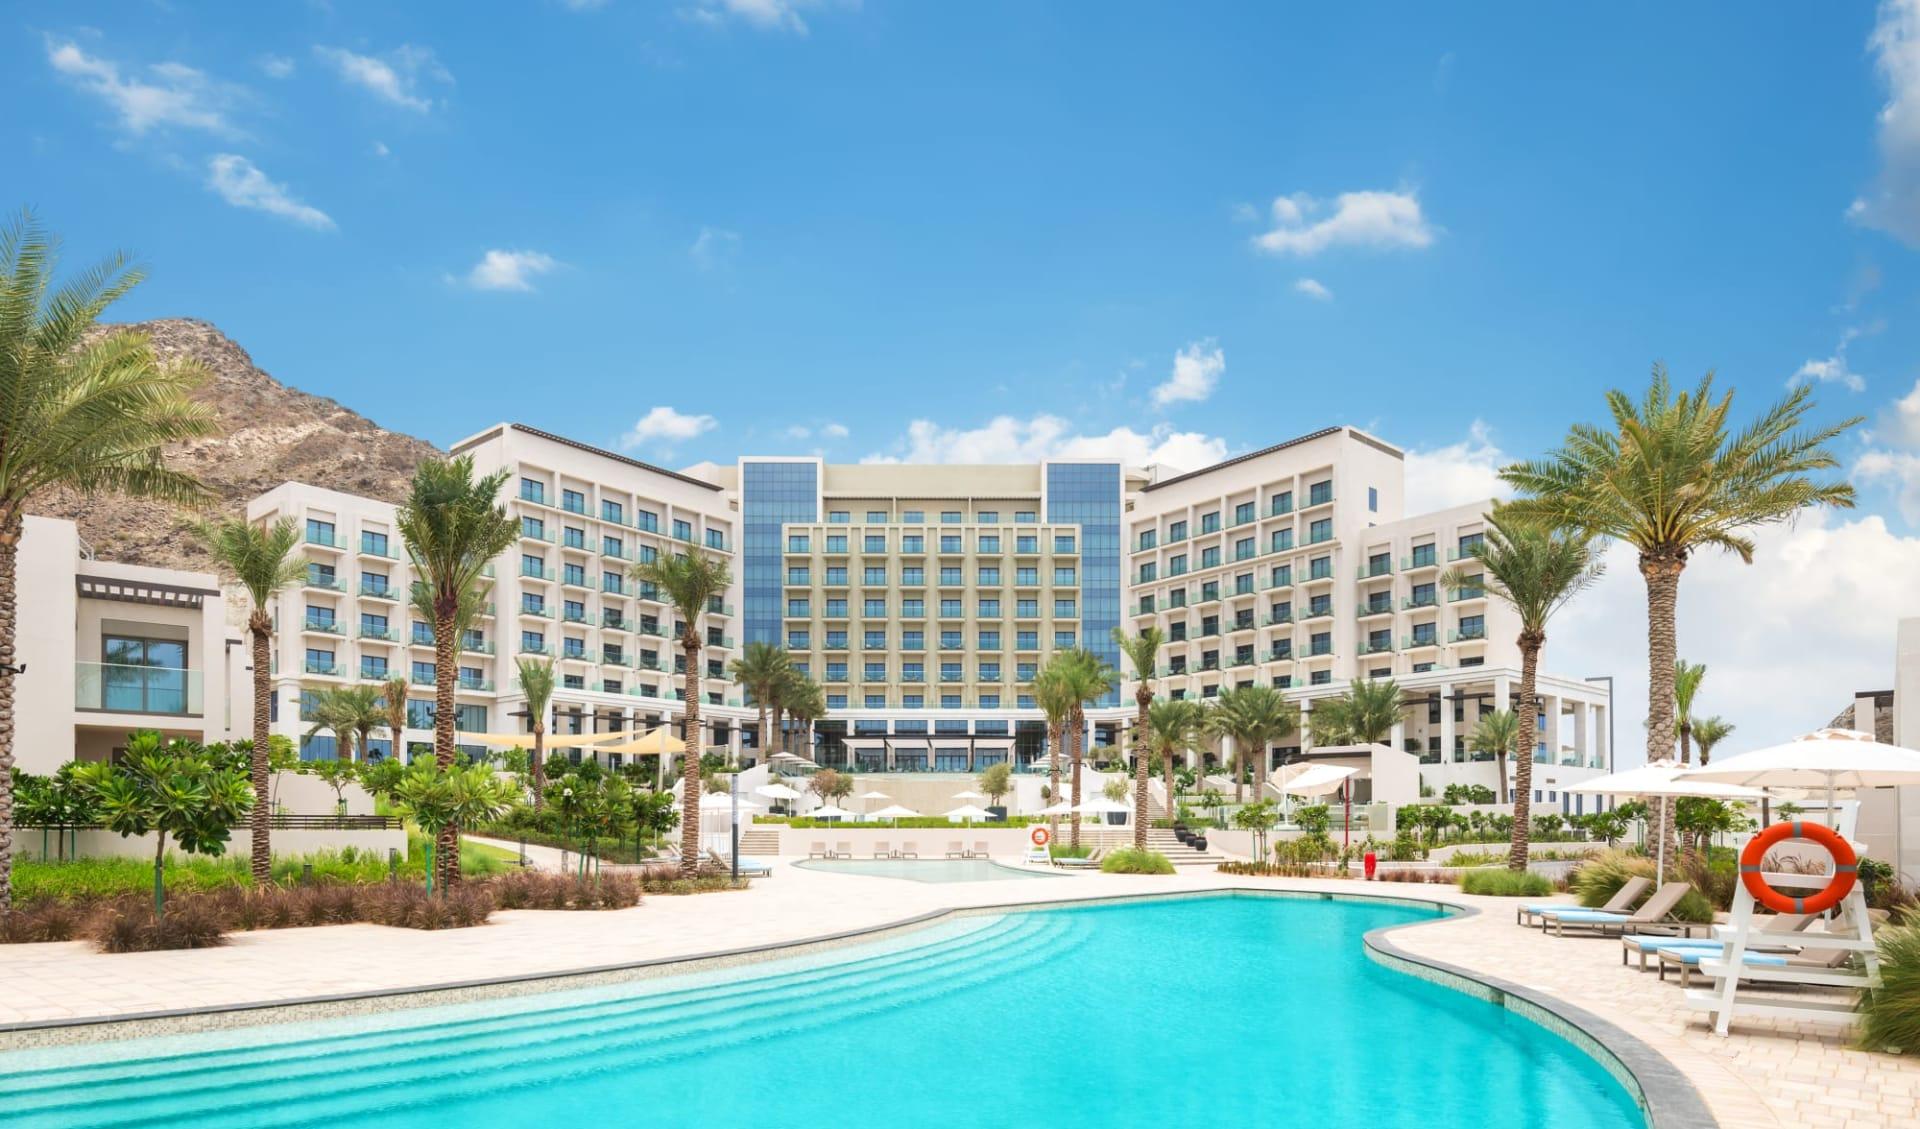 Address Fujairah Beach Resort: ADFUH 47